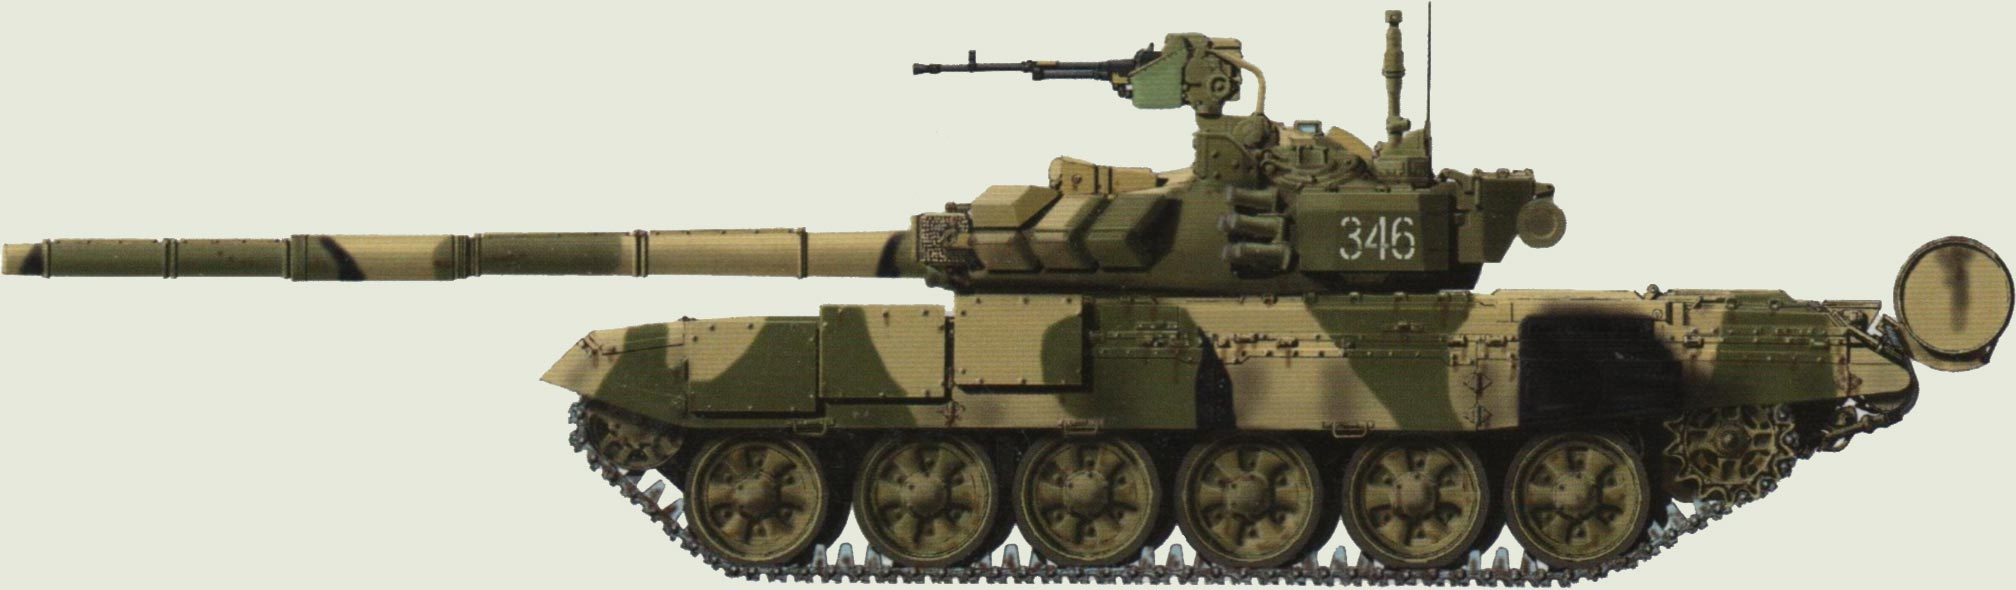 Лучший танк мира Т-90. - Изображение 1